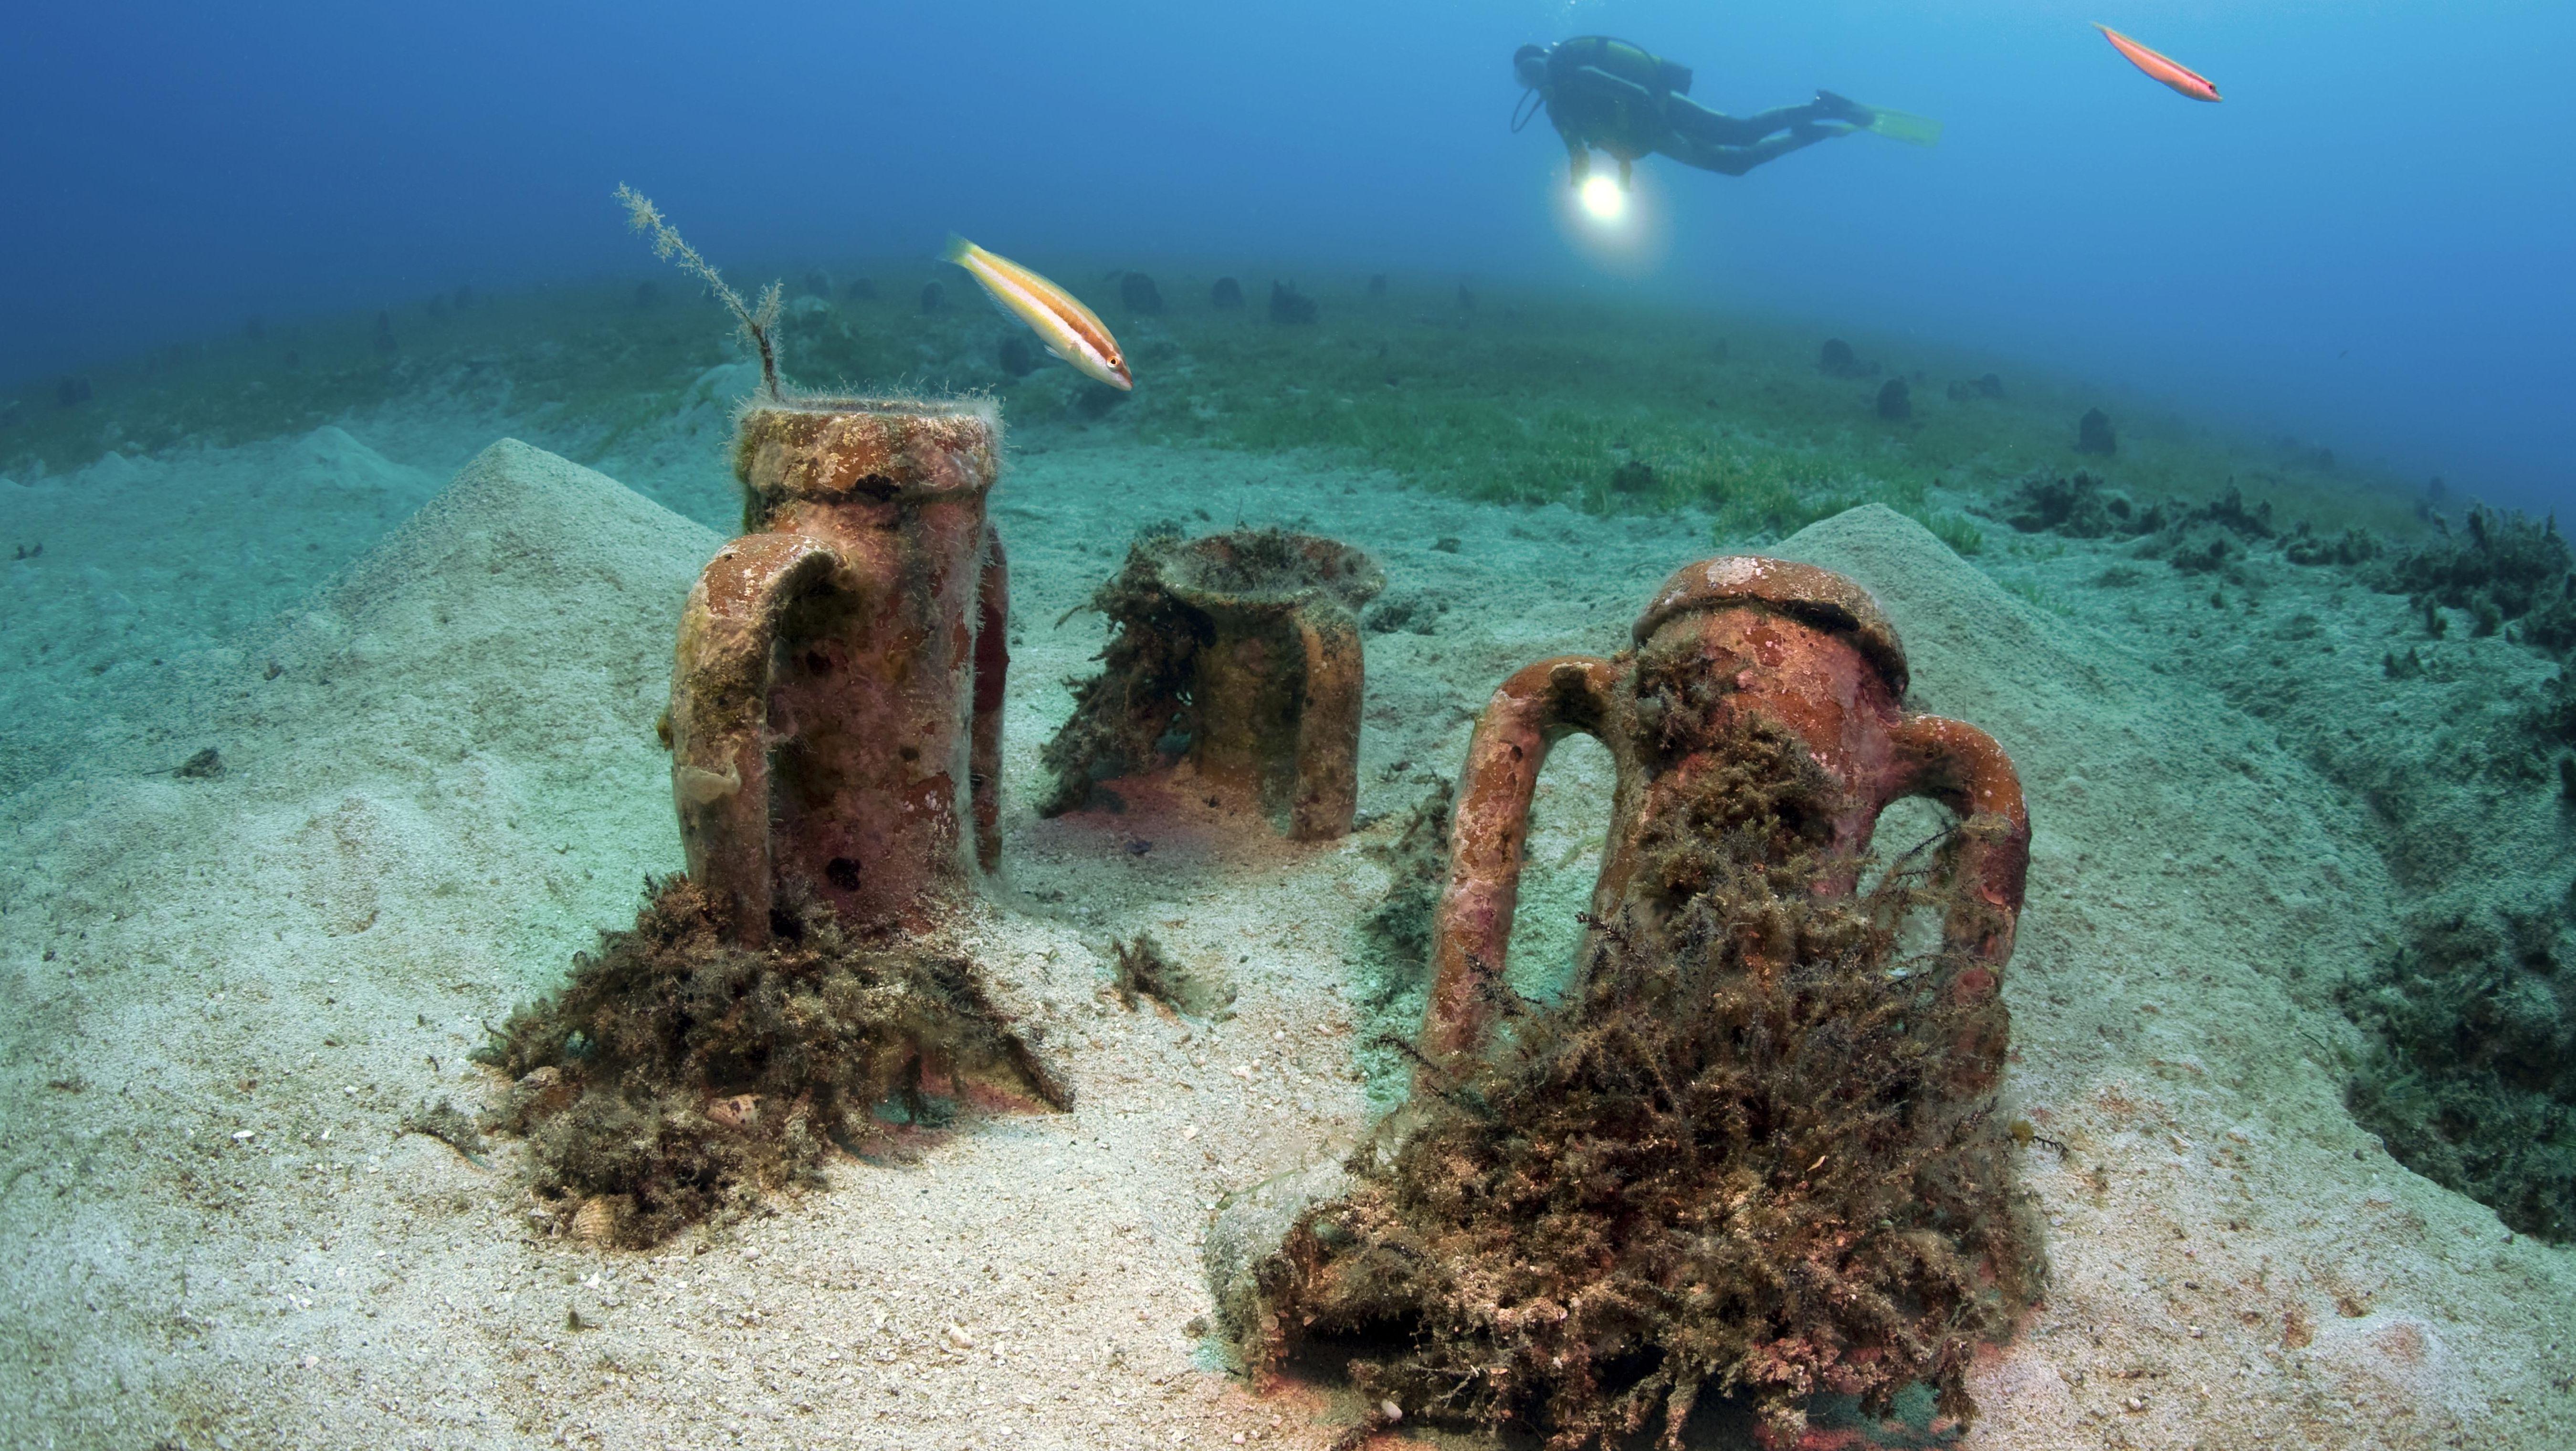 Taucher mit alten italienischen Amphoren aus dem 2. Jh. v. Chr. auf dem Meeresgrund